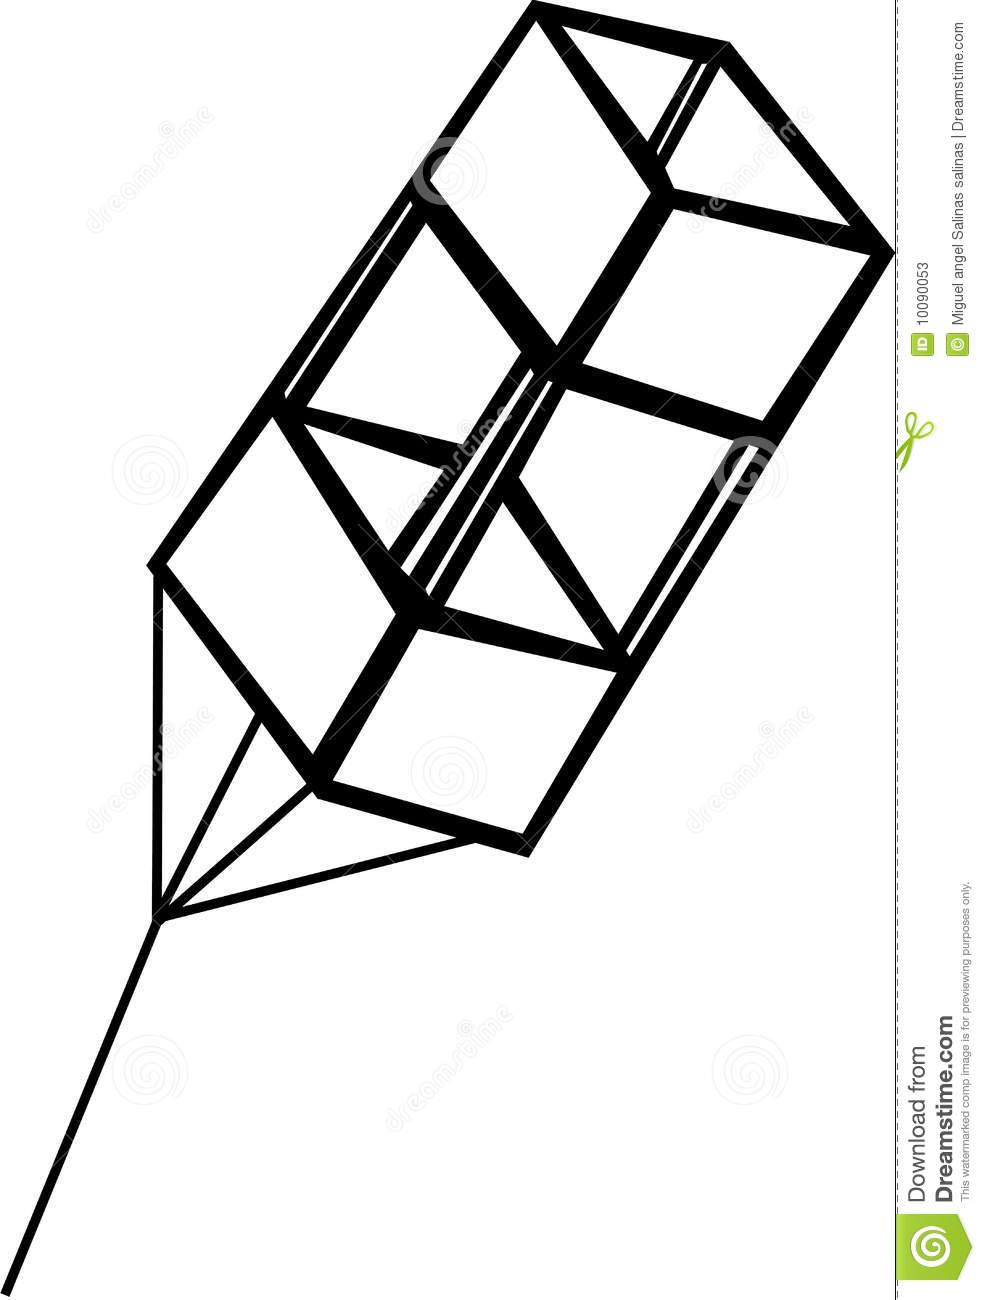 clipart black and white kite - photo #10